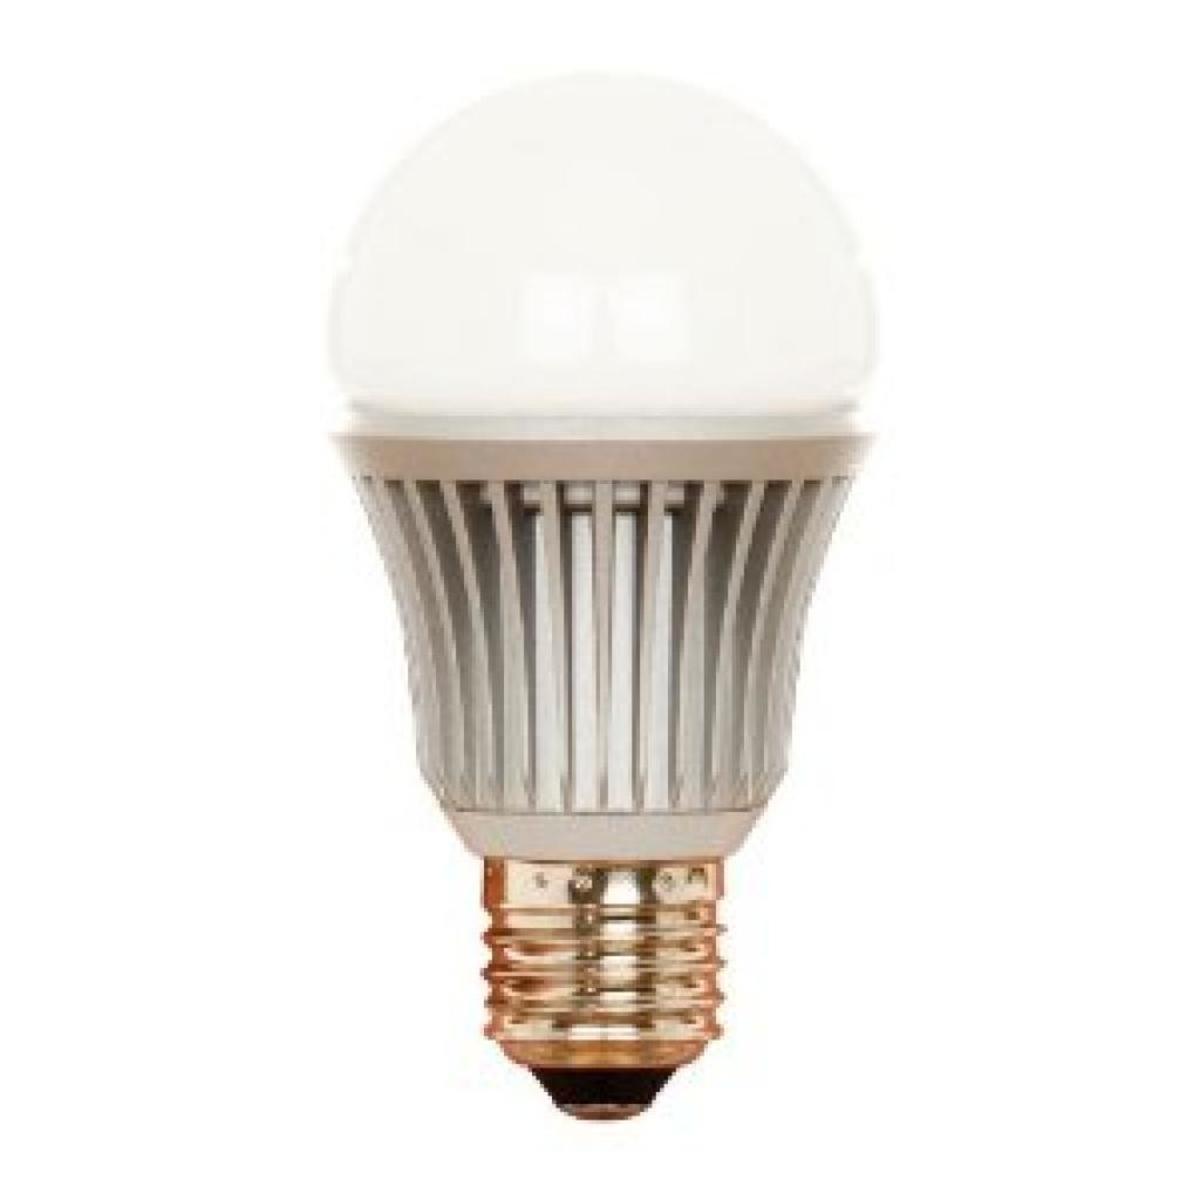 Bild 2 von Verbatim 52100 LED Strahler E27 9W